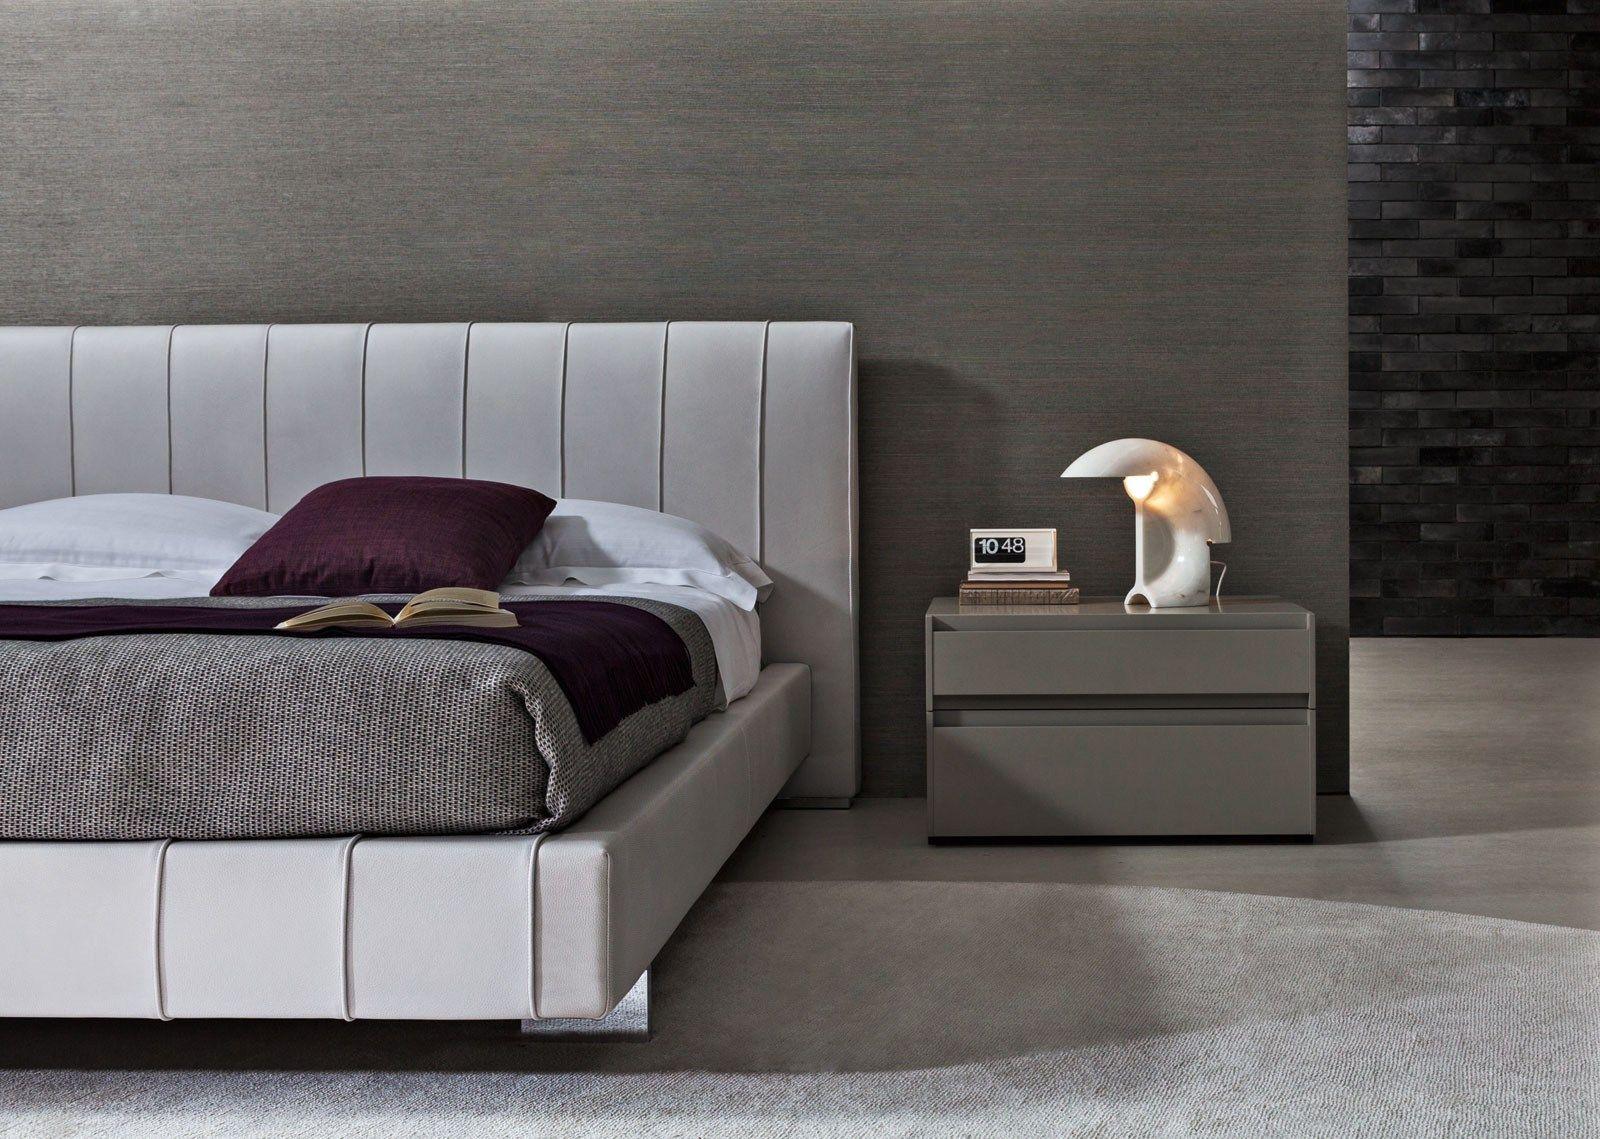 Bedside table dresser 808 by molteni c design molteni design team - Divano letto oz molteni prezzo ...